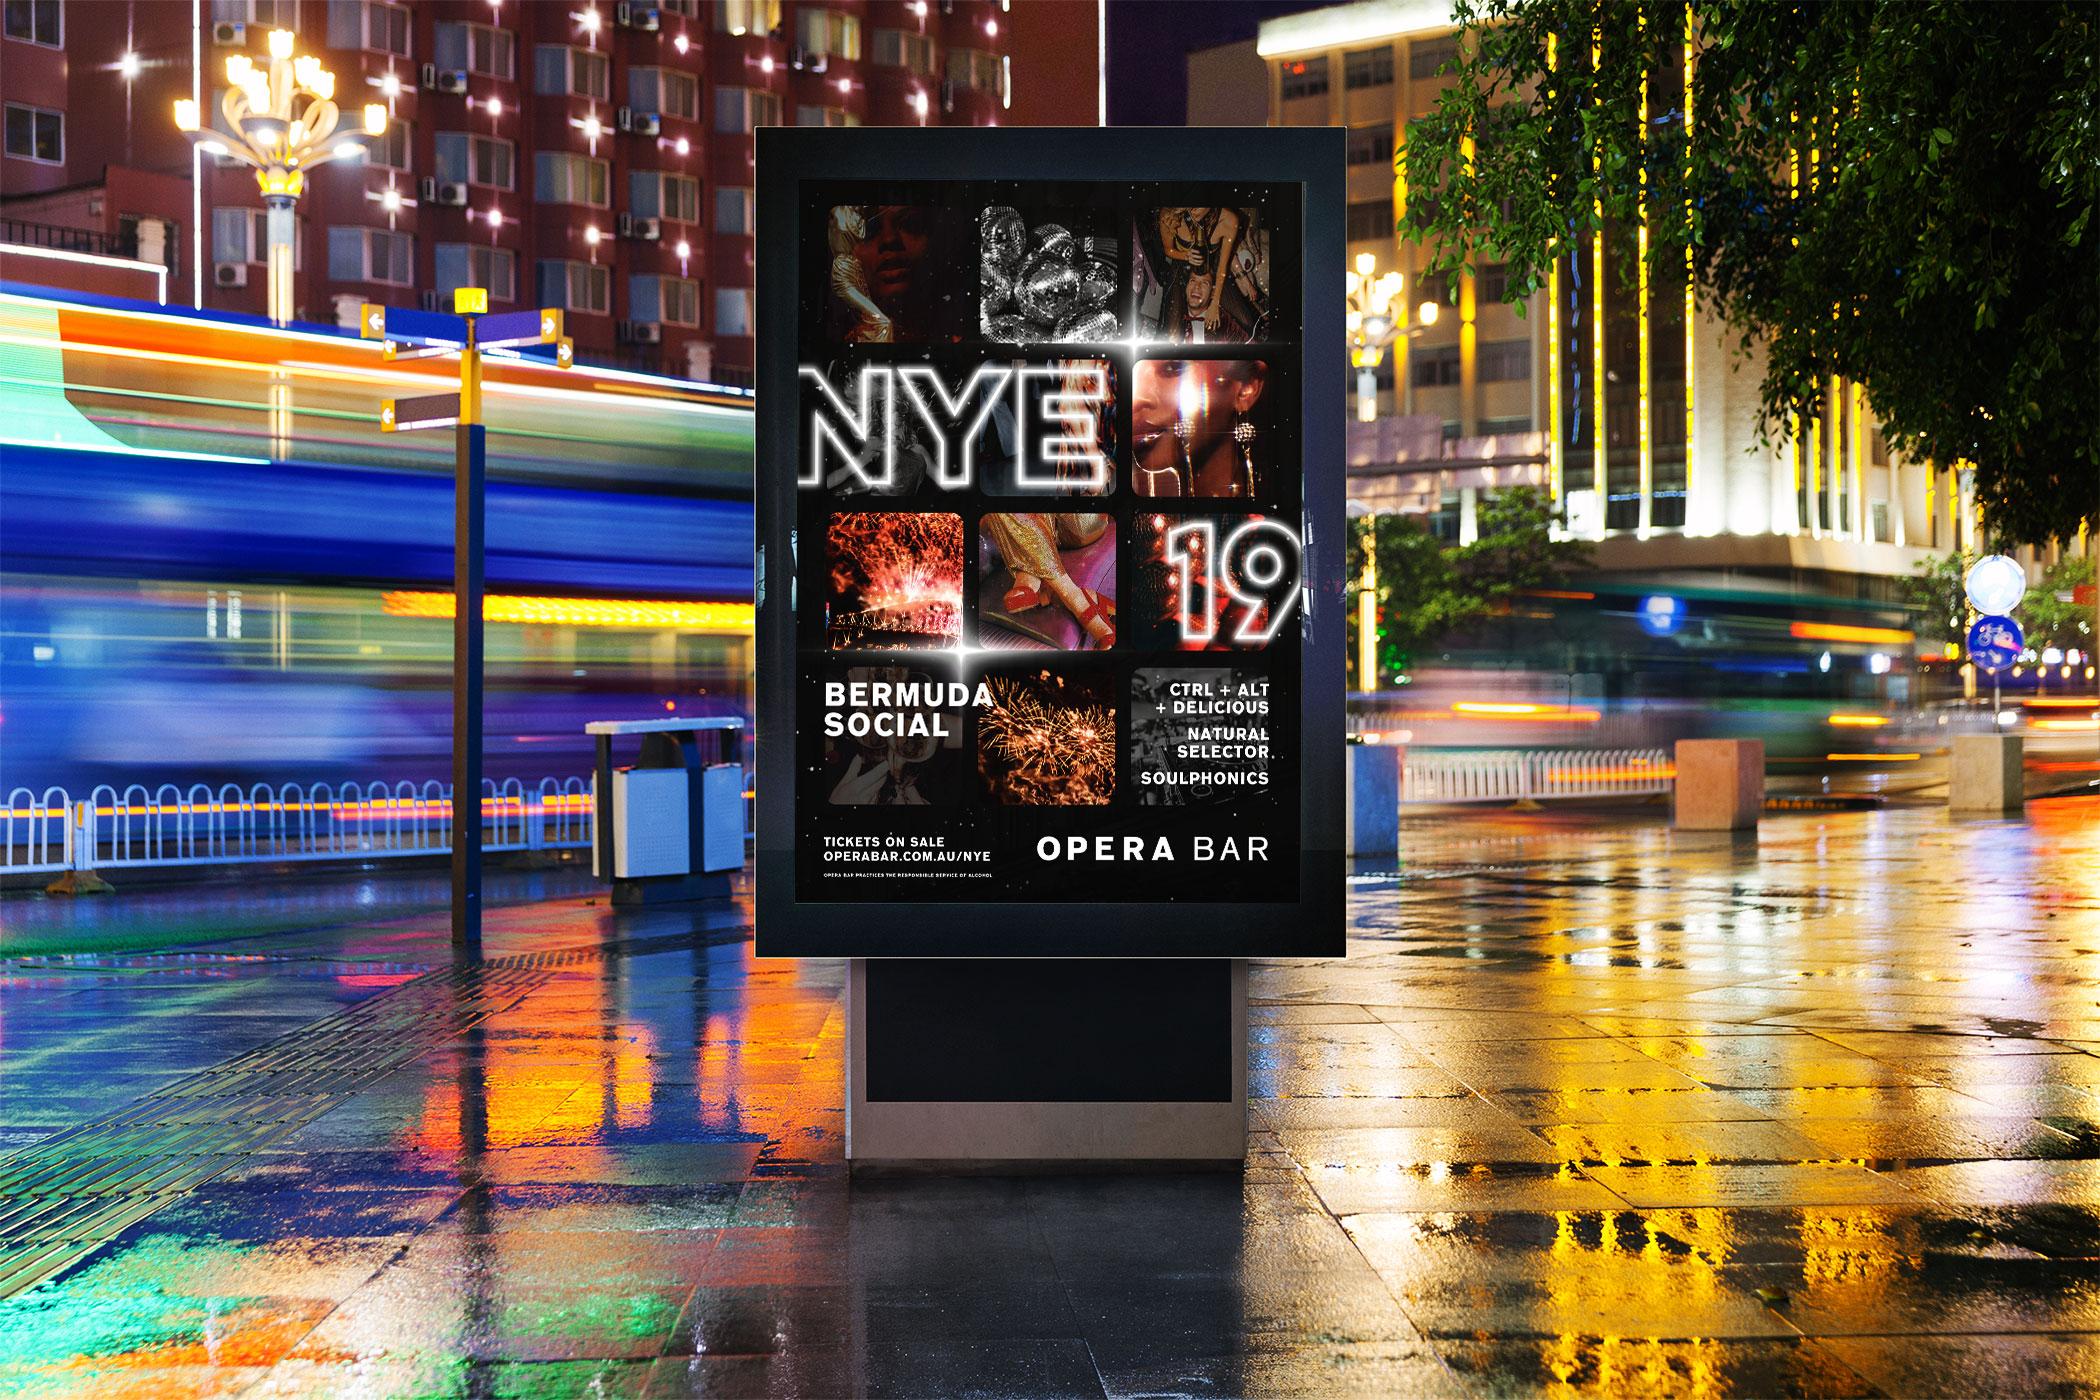 opera bar nye poster design by Distil